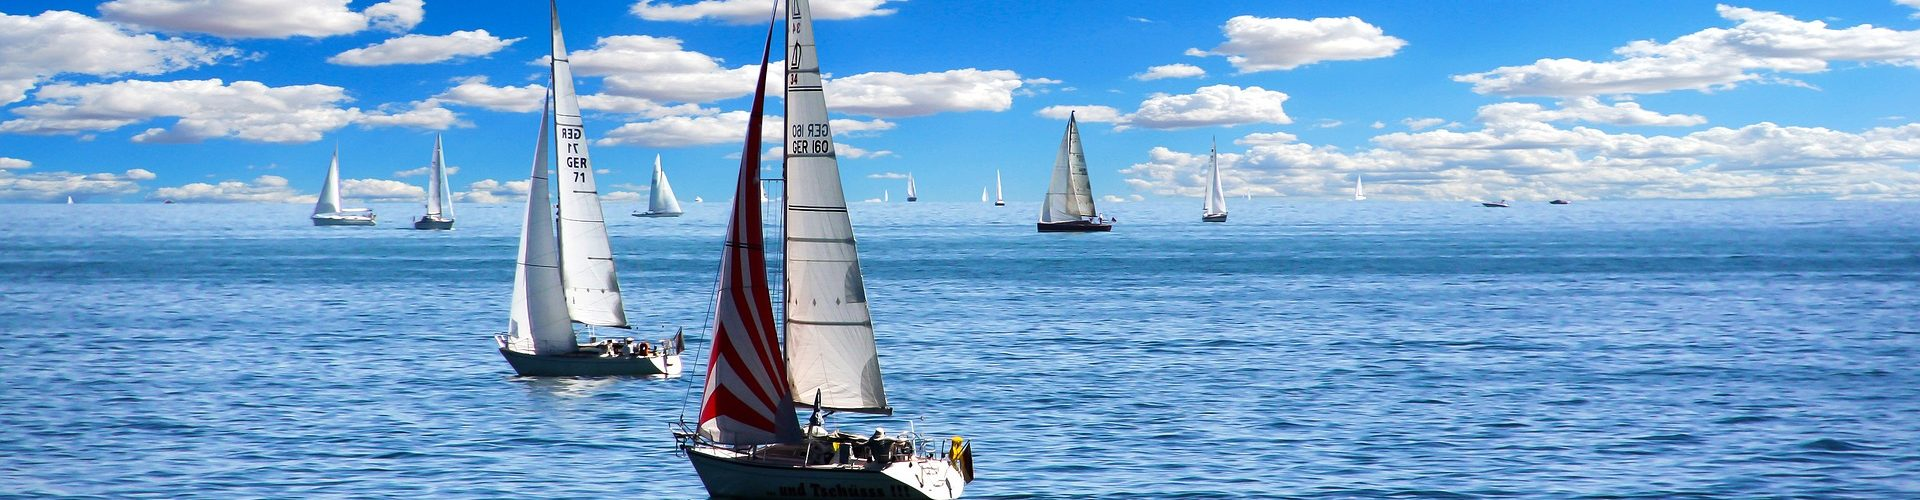 segeln lernen in Demmin segelschein machen in Demmin 1920x500 - Segeln lernen in Demmin